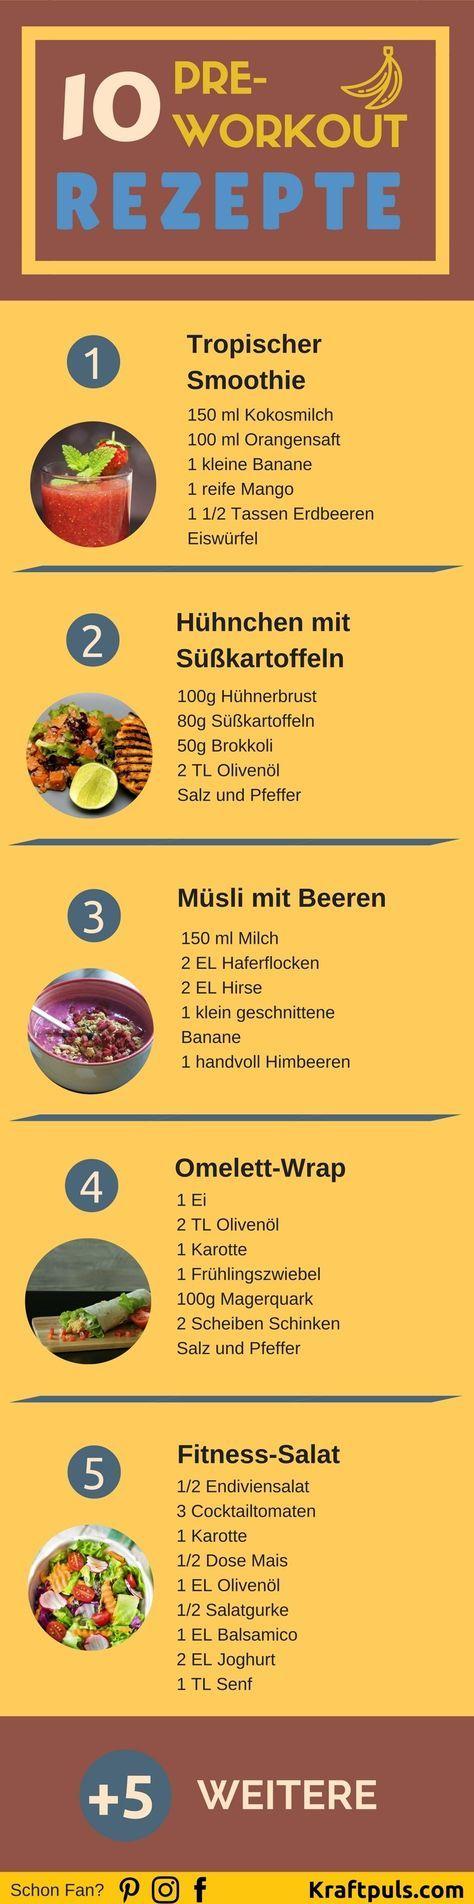 Pre-Workout Rezepte: Das richtige Essen vor dem Training ❤ Hier 10 Rezepte für die optimale Ernährung vor dem Sport ❤ #fitness #ernährung #deutsch